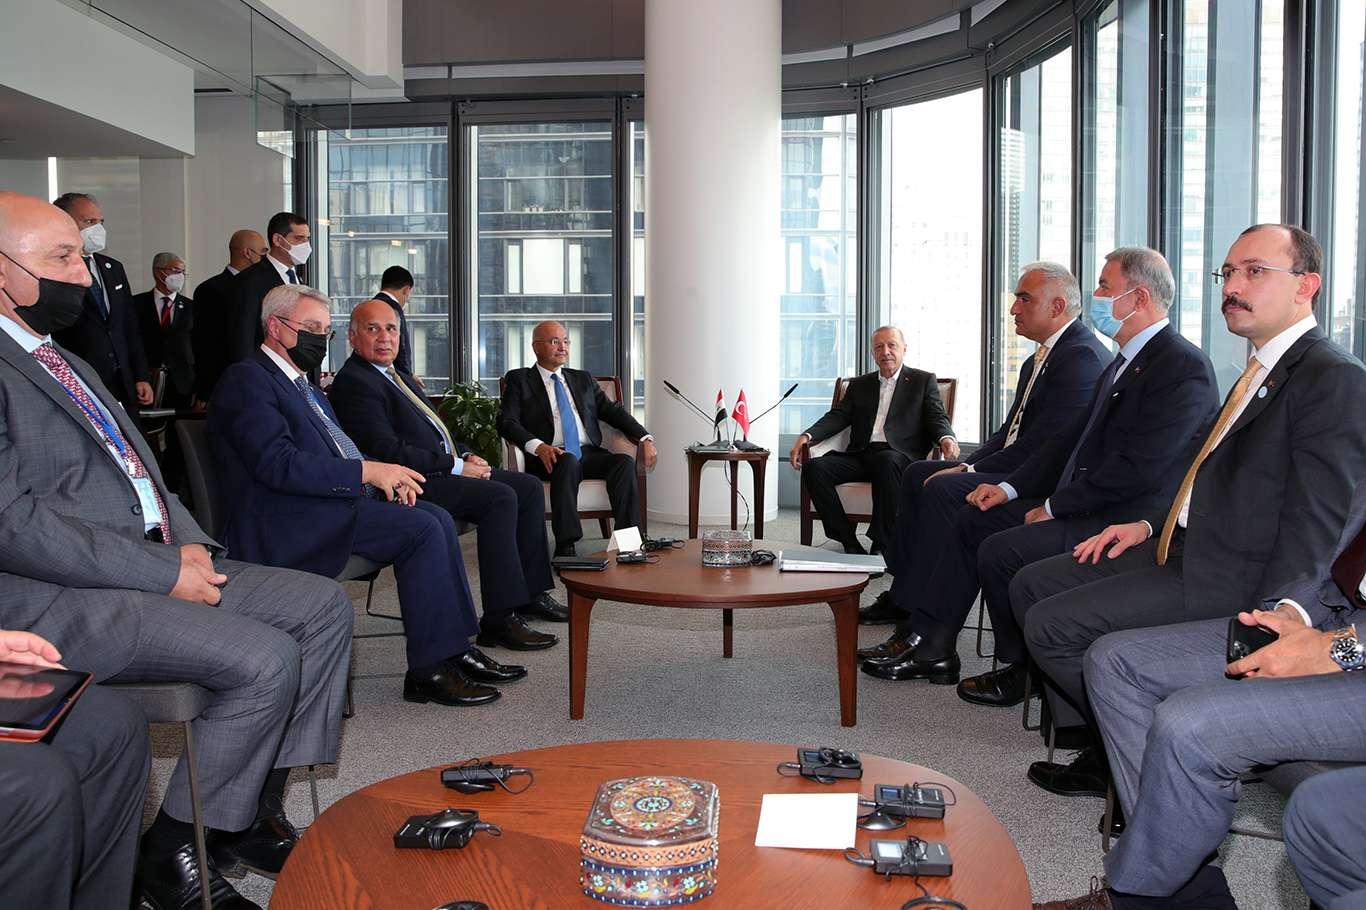 Cumhurbaşkanı Erdoğan Irak Cumhurbaşkanı Salih ile görüştü